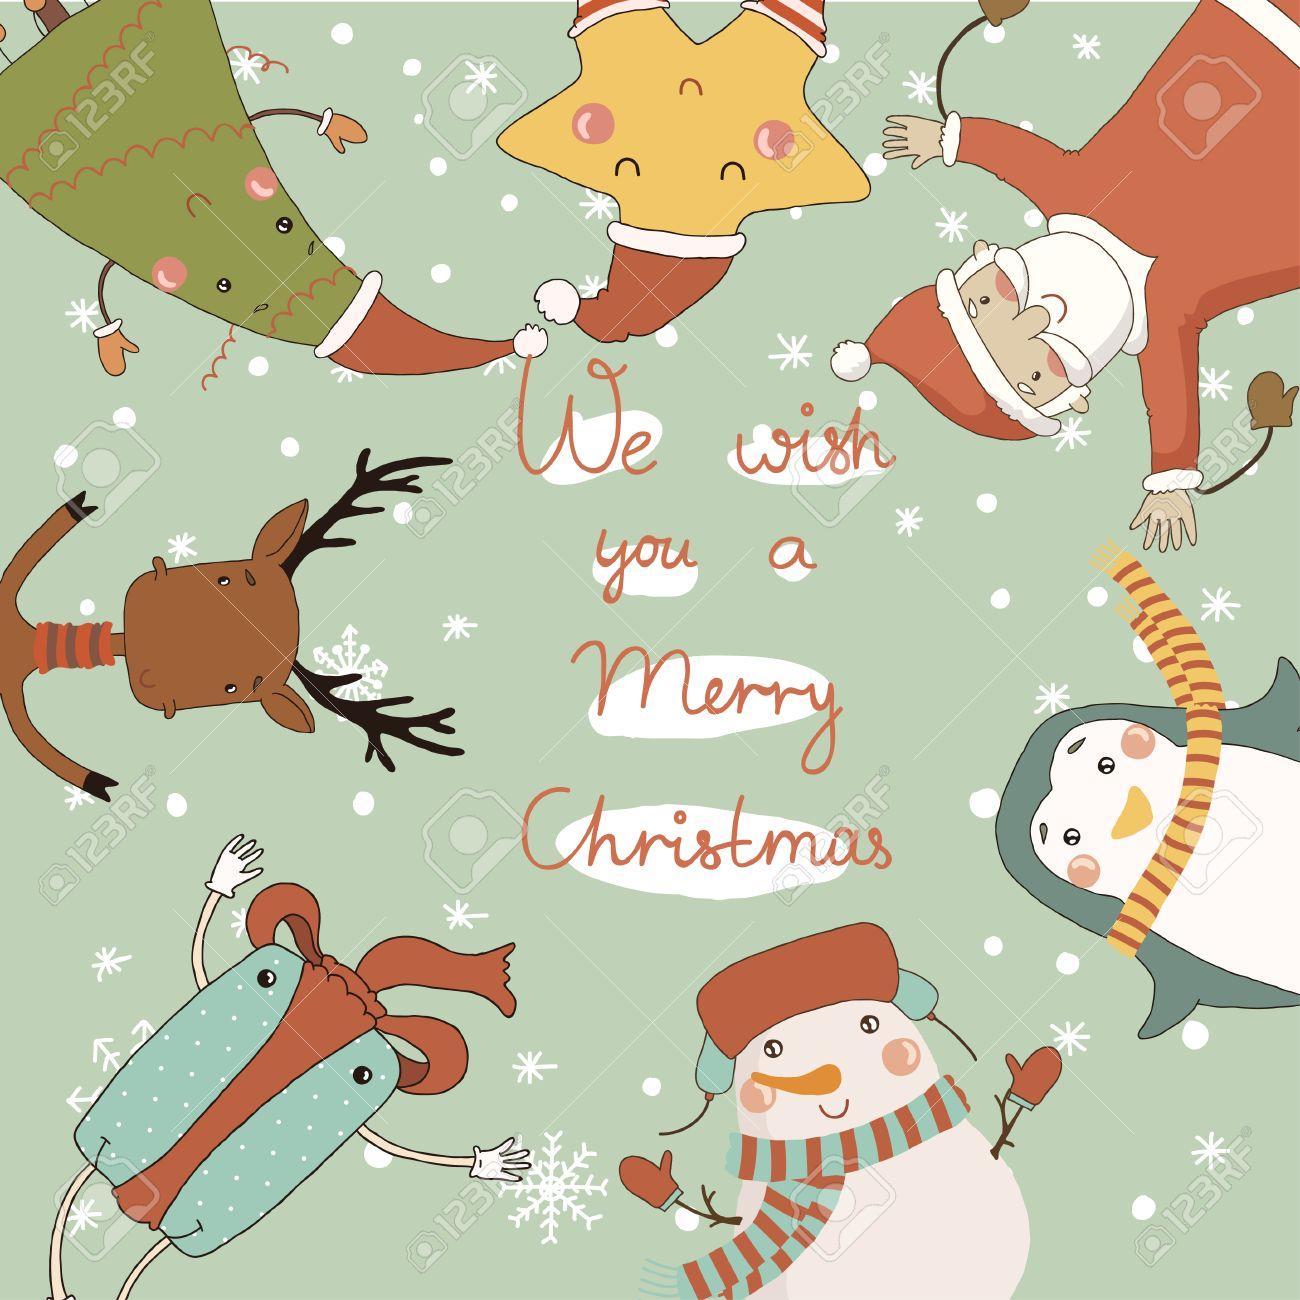 Dibujos de navidad para postales navideРіВ±as